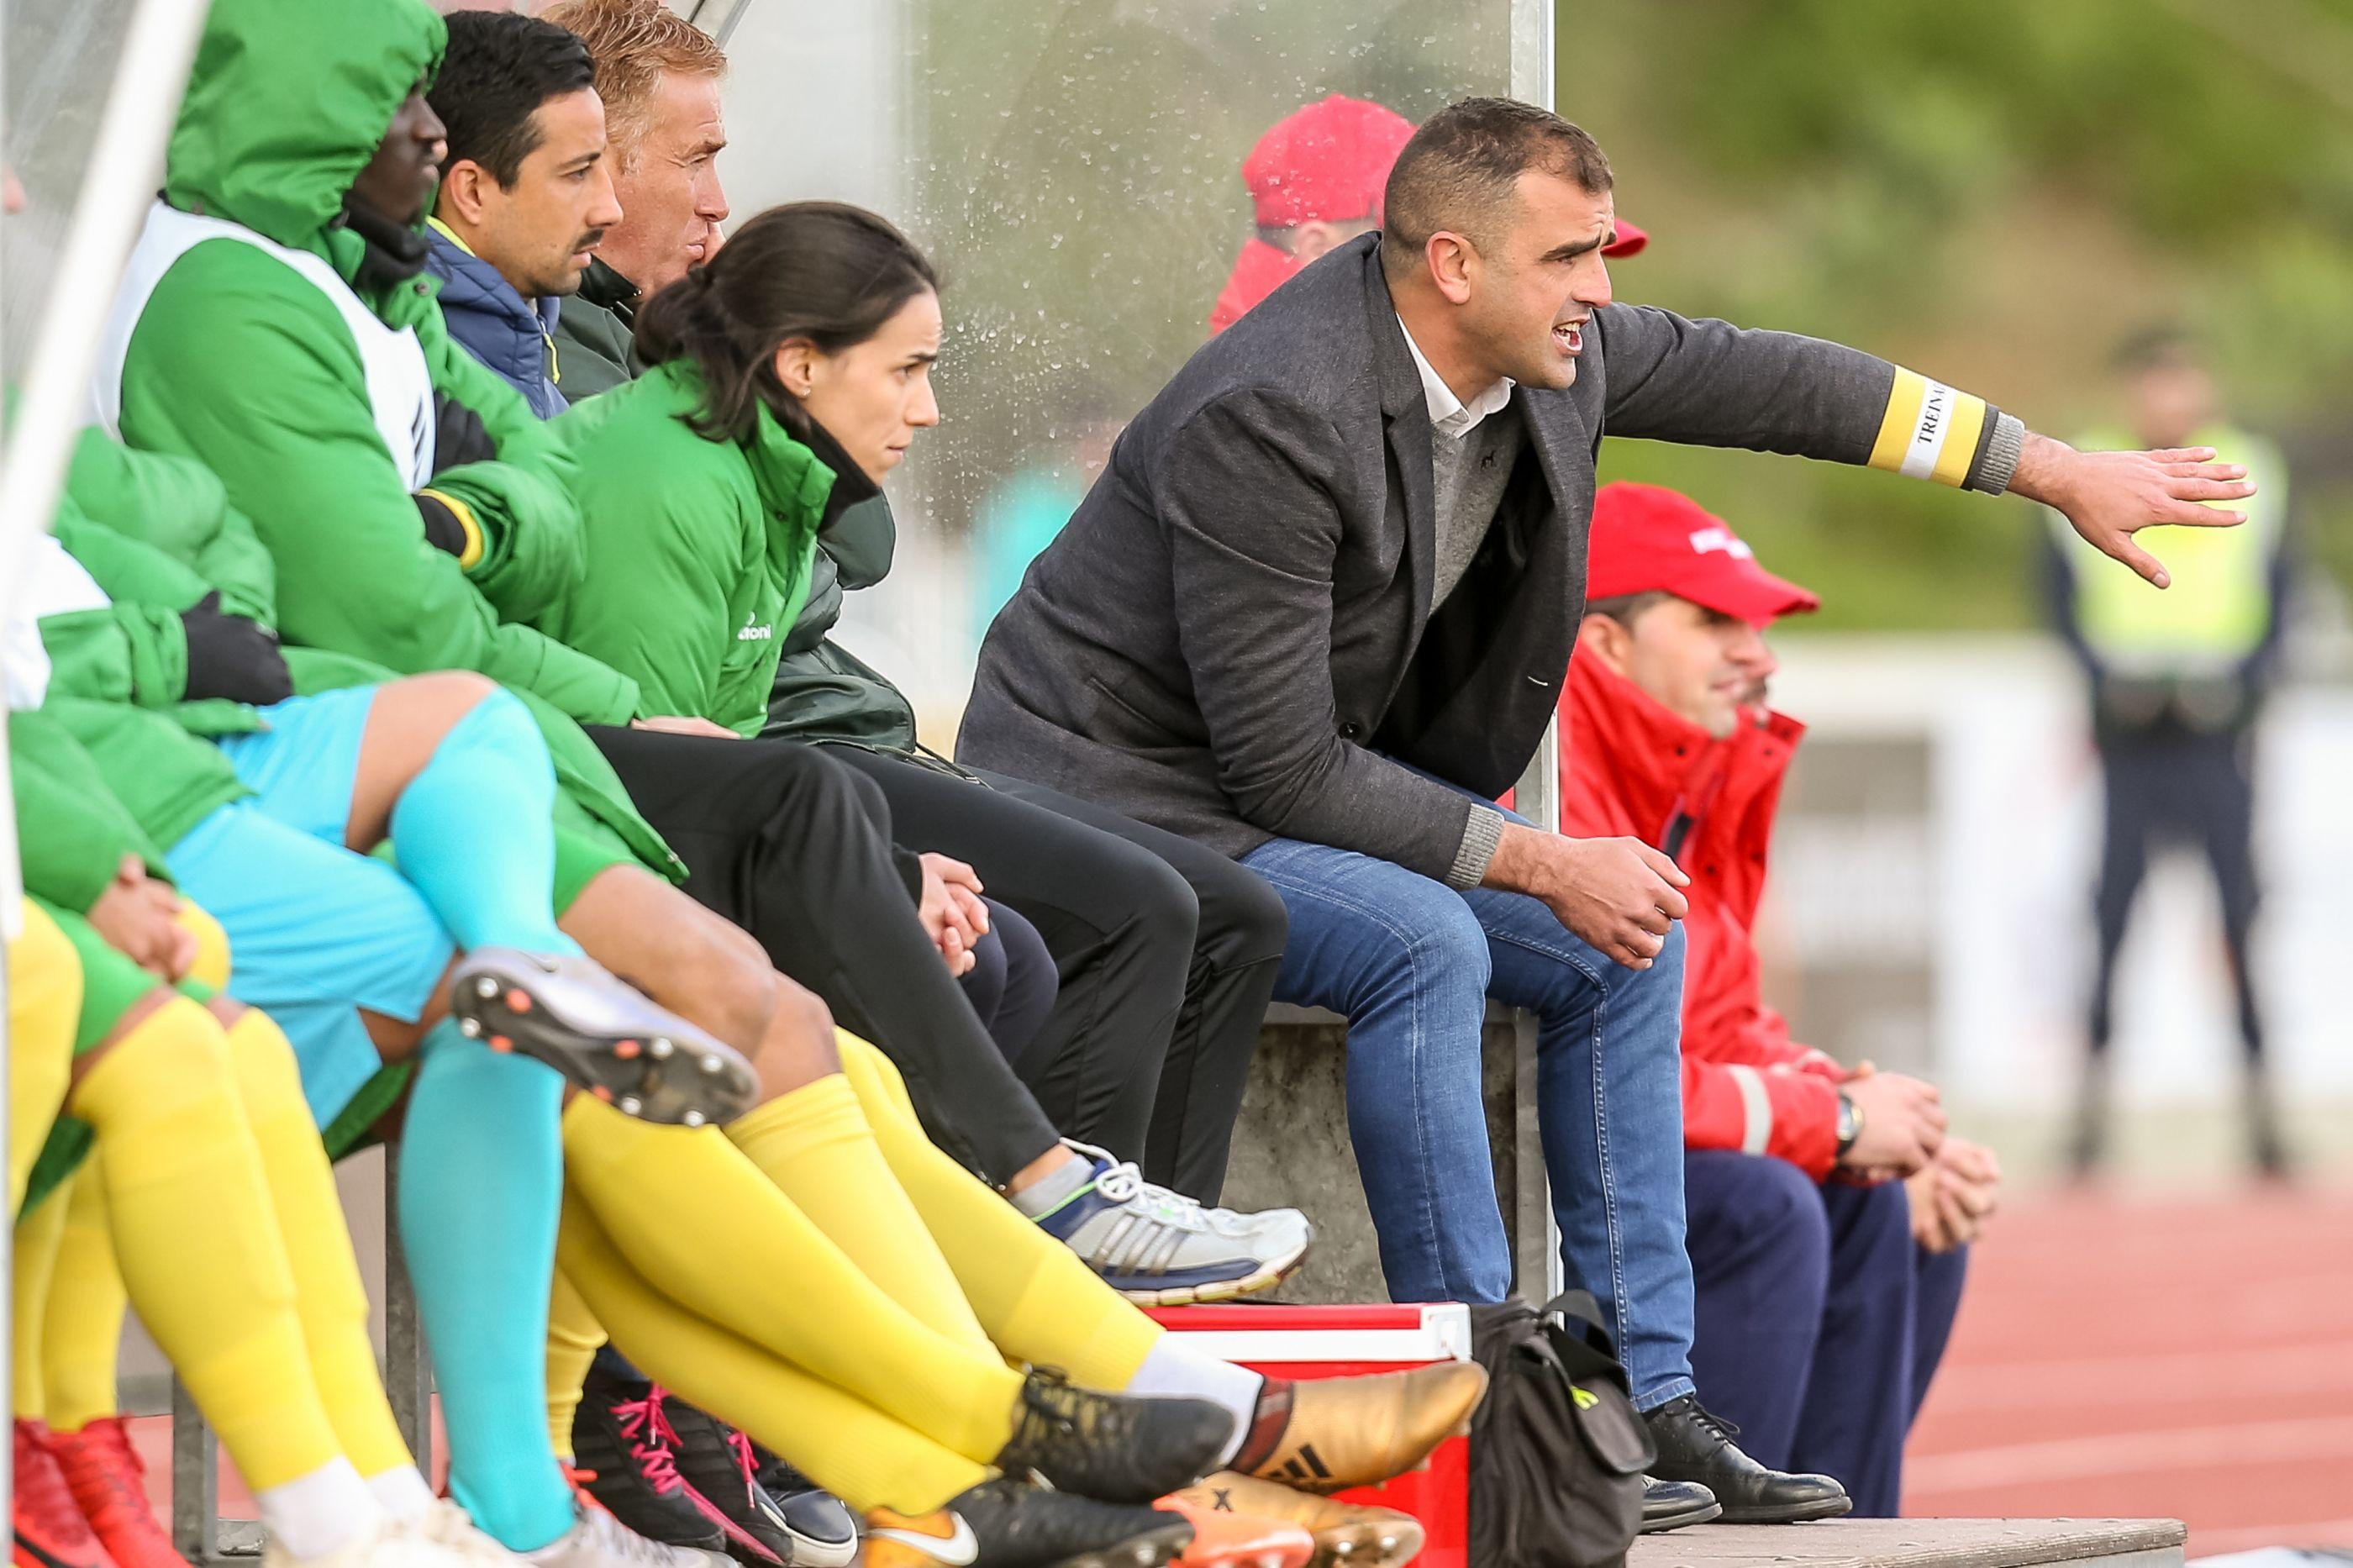 Oficial: Filipe Martins é novo treinador do Feirense